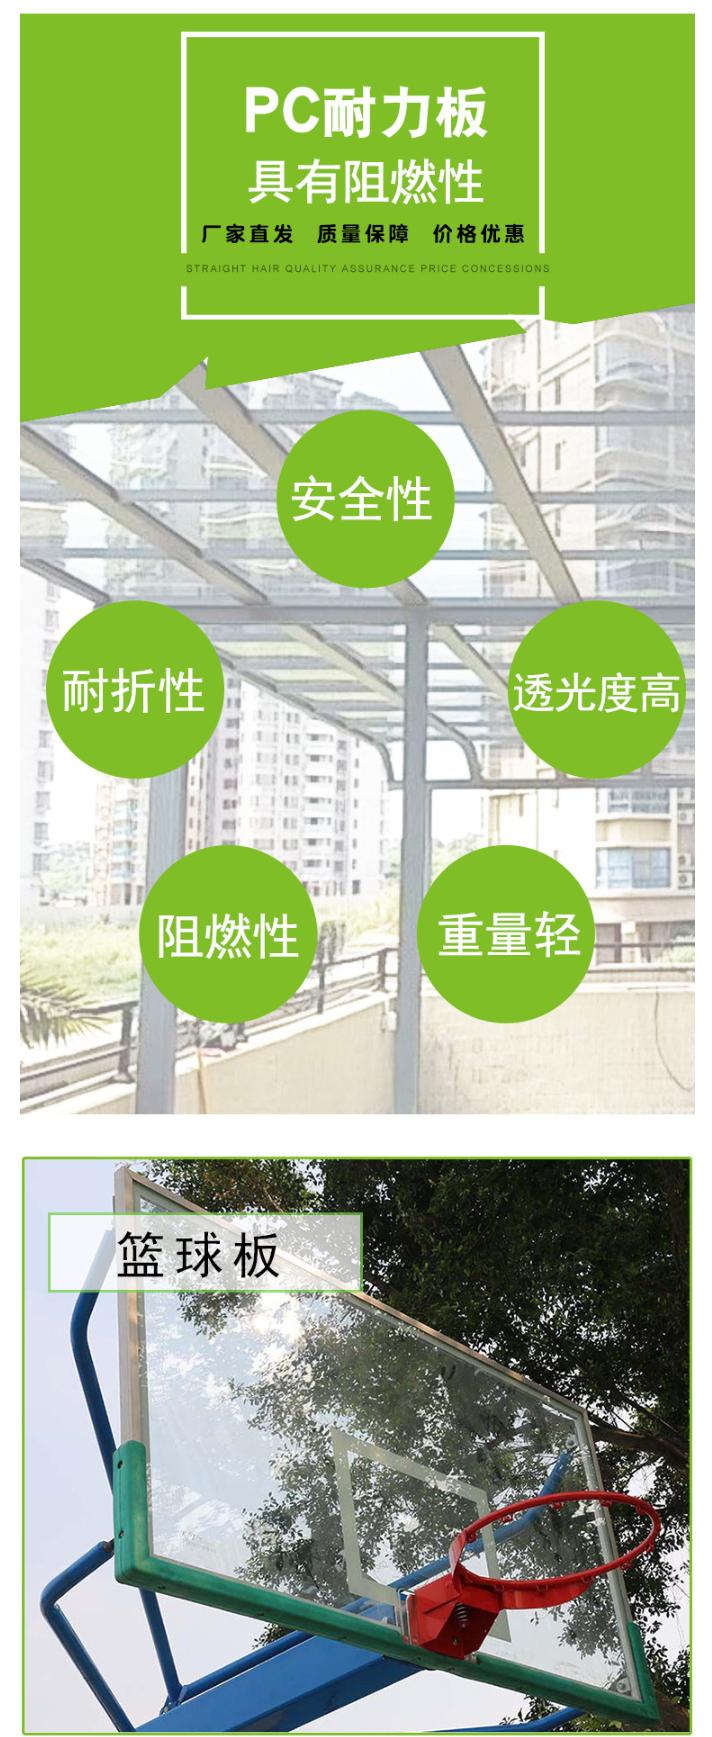 雨棚陽光板_聚碳酸酯板材耐力板廠家透明湖藍可定制雨棚---阿里巴巴_03.jpg